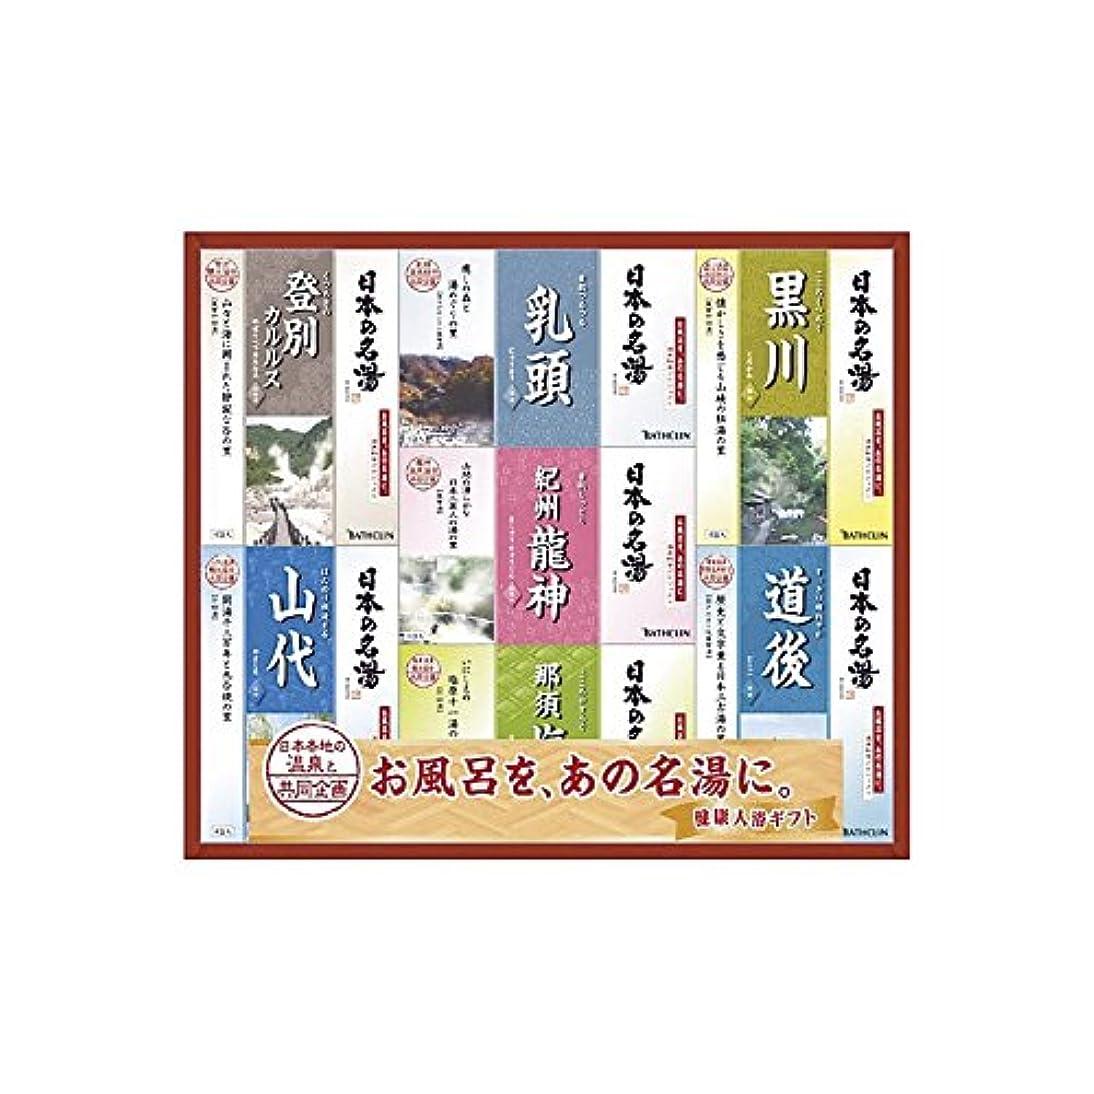 アミューズペイン暴露するバスクリン 日本の名湯 ギフトセット 【保湿 ギフト 温泉 発汗 セット あったまる いろいろ うるおい うるおう しっとり すべすべ はっかん 極楽 ごくらく ゆったり ばすくりん 2500】